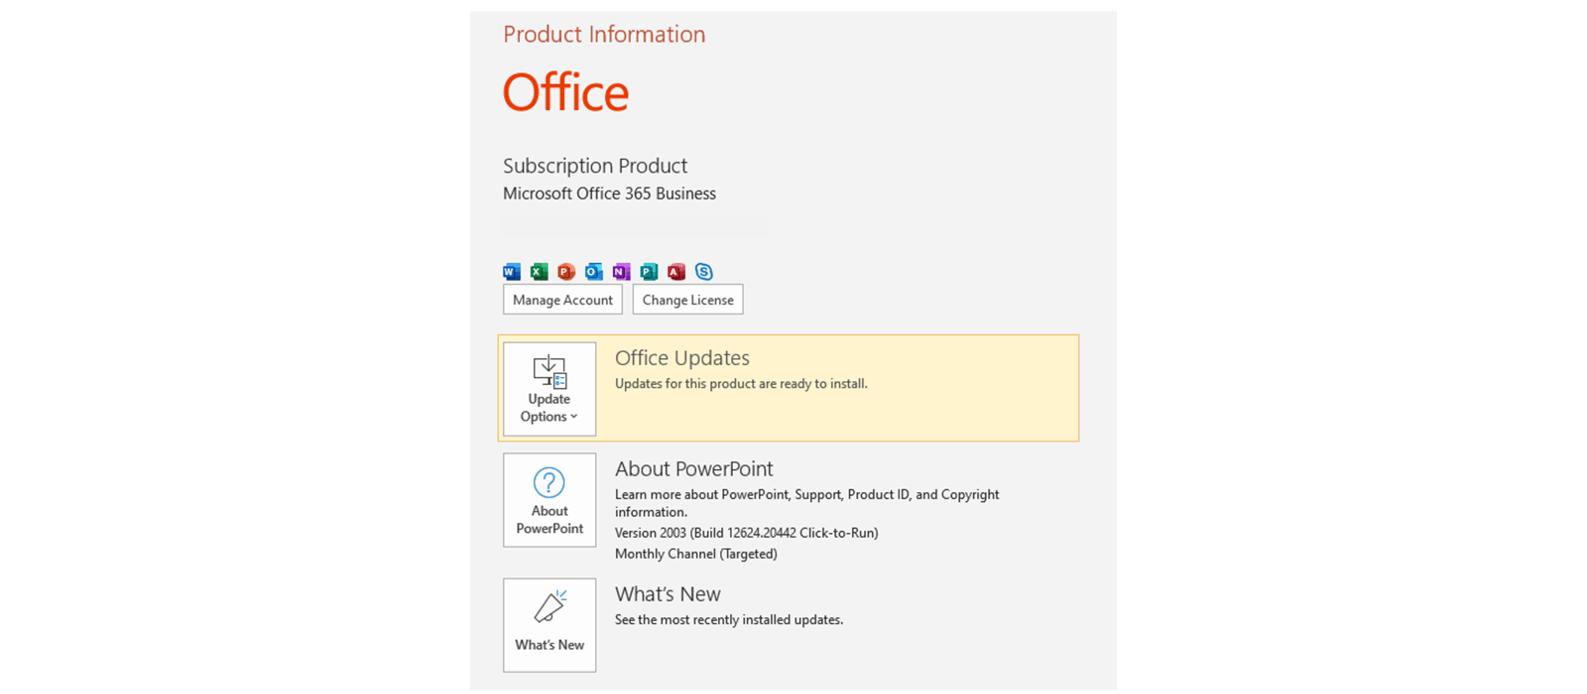 Screenshot showing Office Updates button